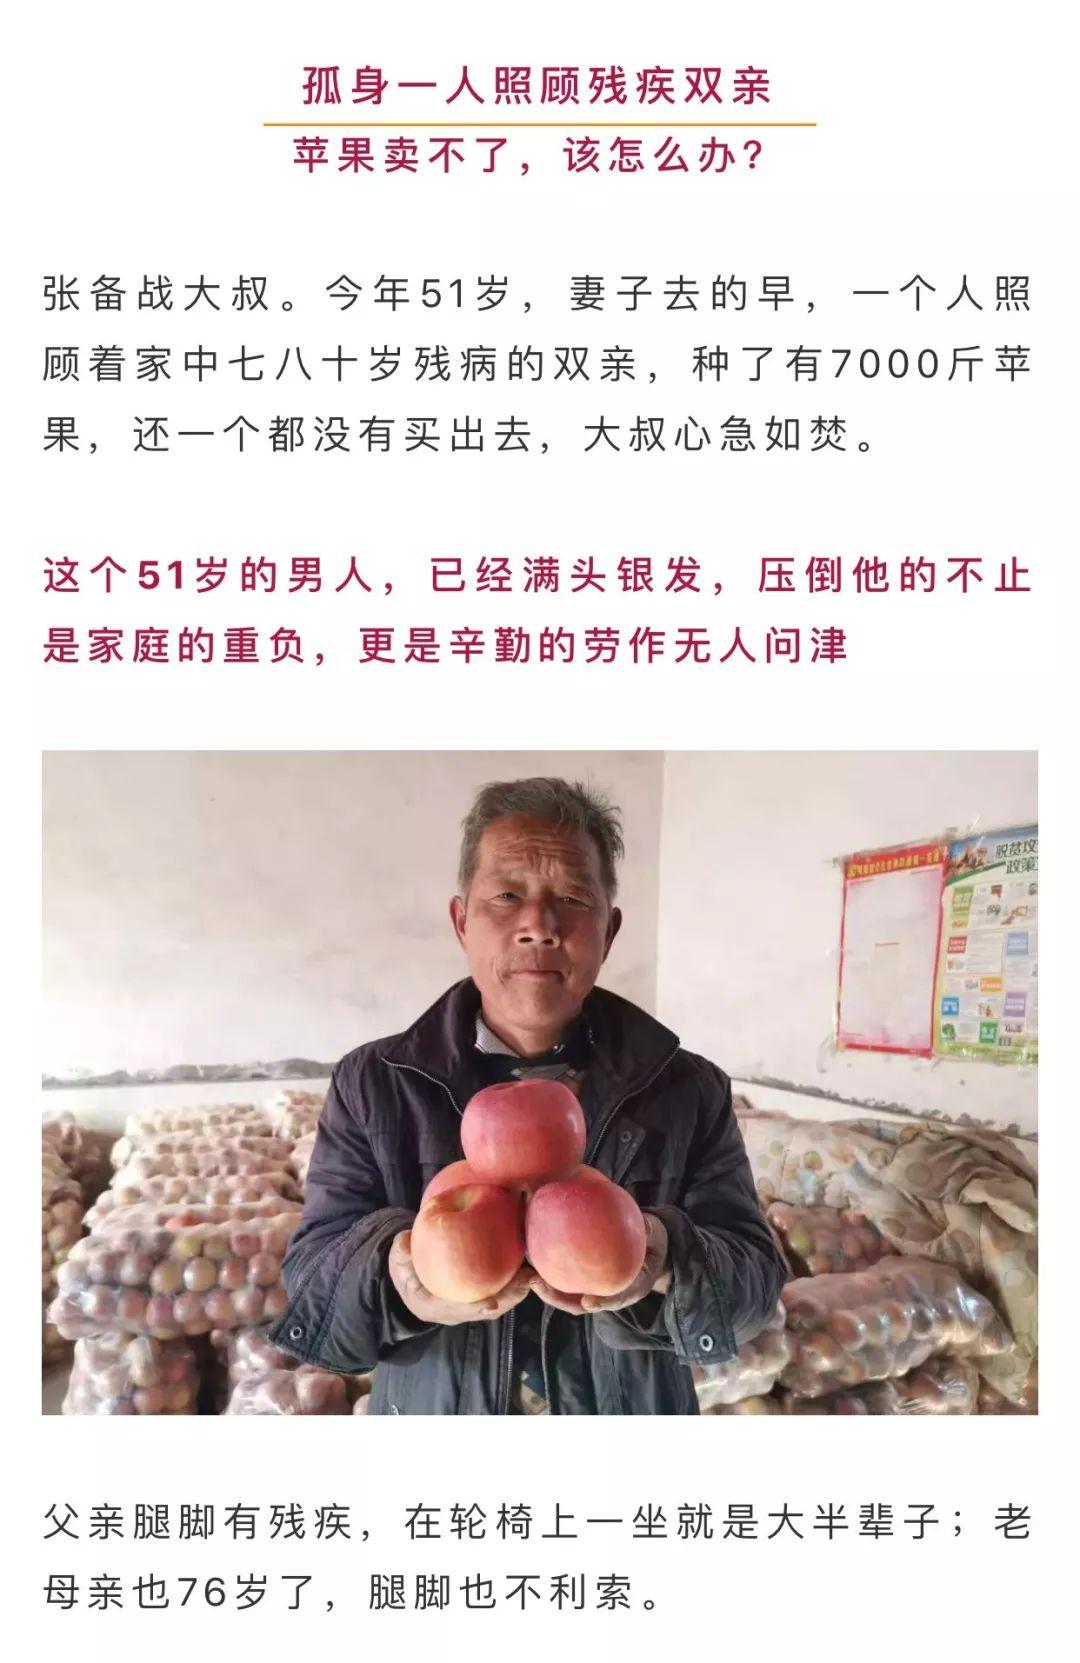 年关将近,紧急求助!陕西300万斤红富士苹果急盼销路,10斤仅29.9元,请大家帮忙转发助力,帮助乡亲们度过年关!插图30